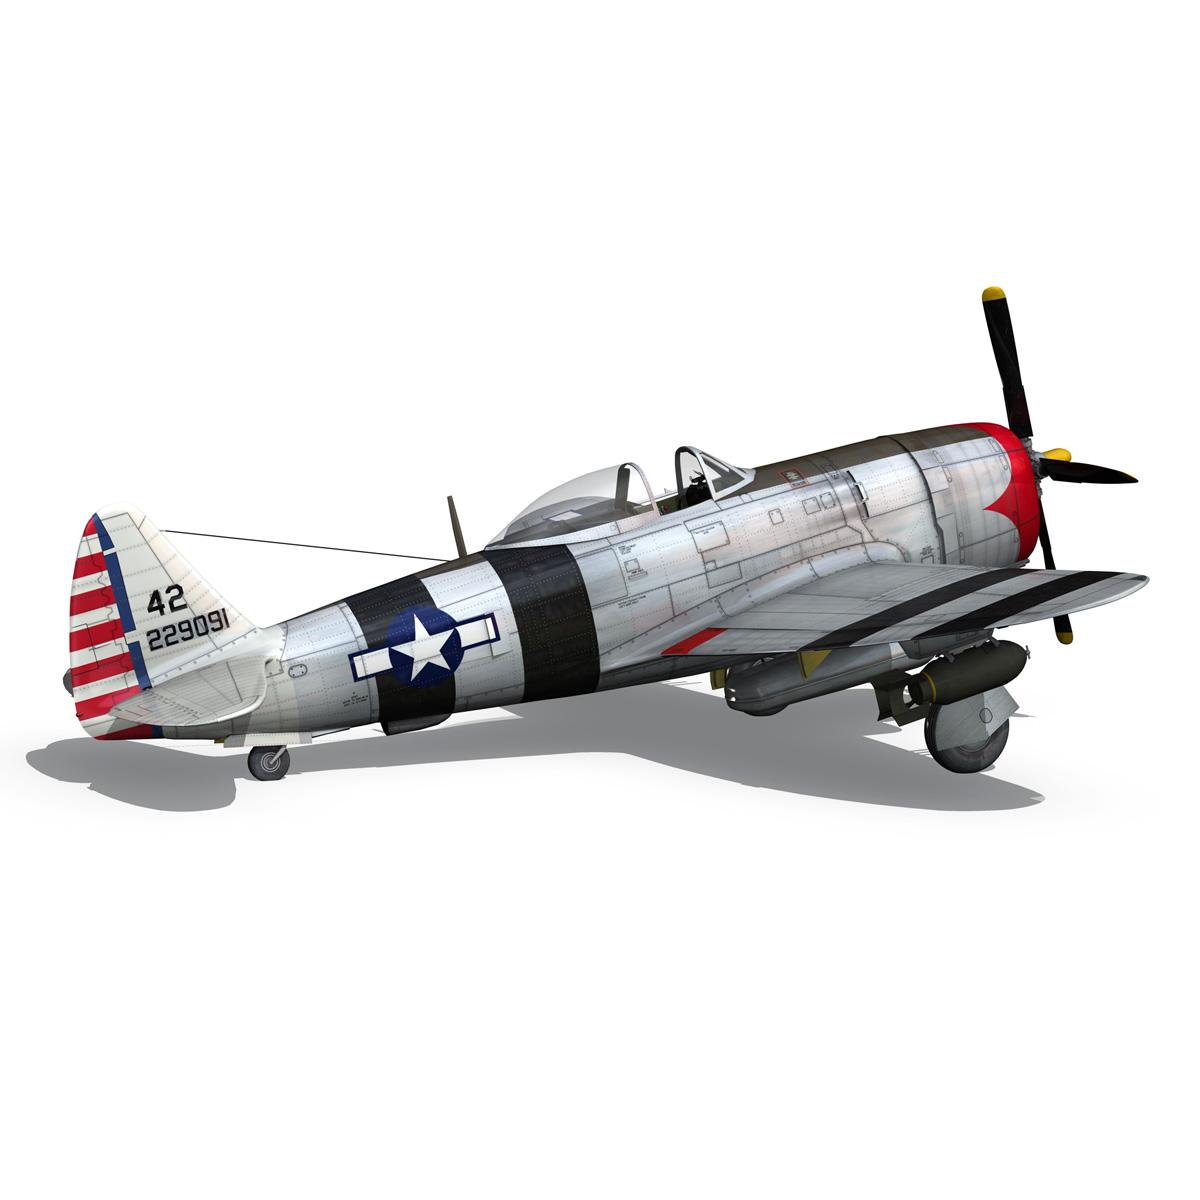 republic p-47 thunderbolt – passionate patsy 3d model fbx lwo lw lws obj c4d 279753